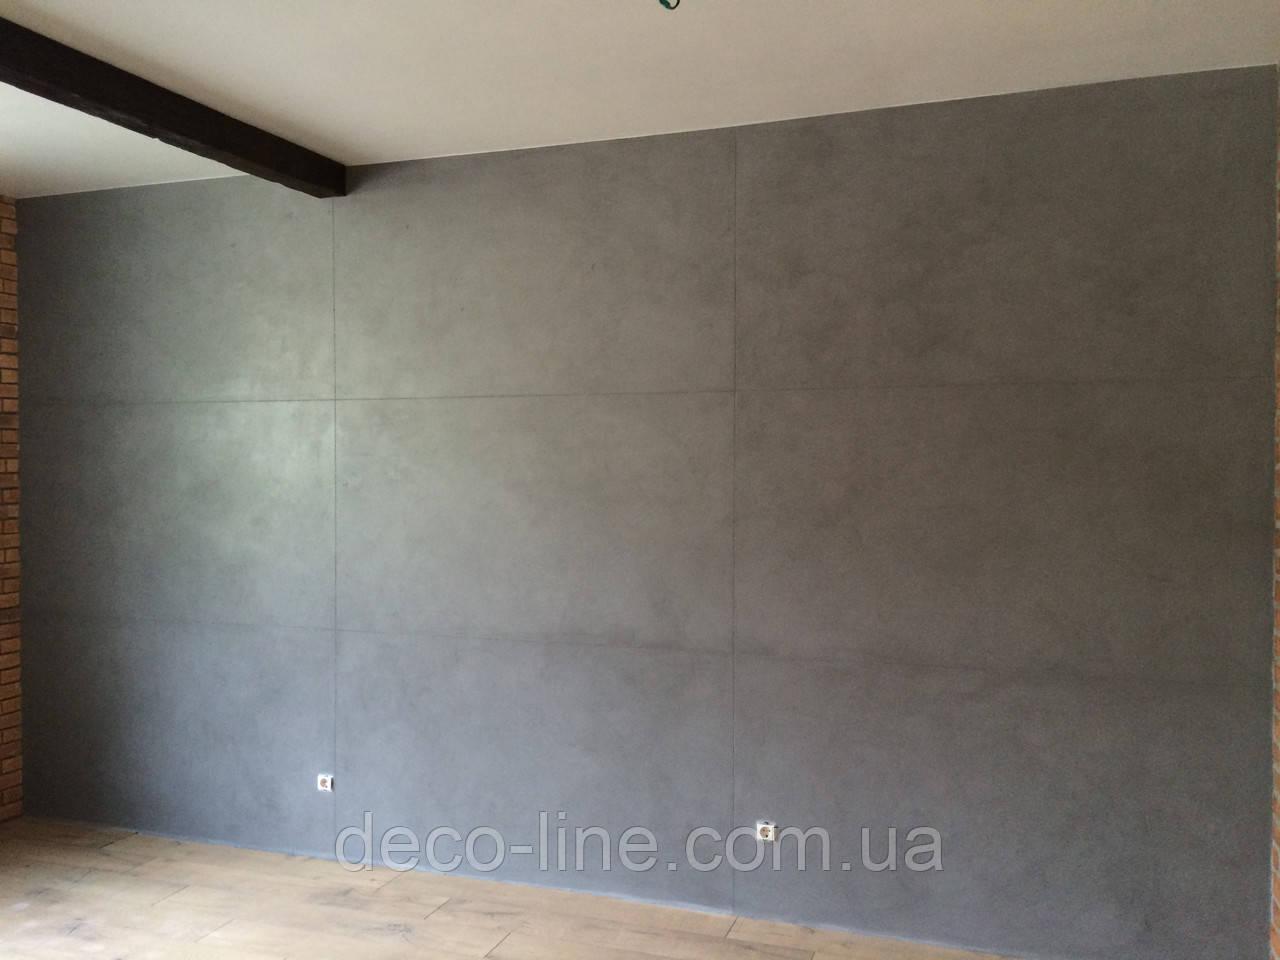 Декоративная штукатурка имитация бетона купить бетона искробезопасный